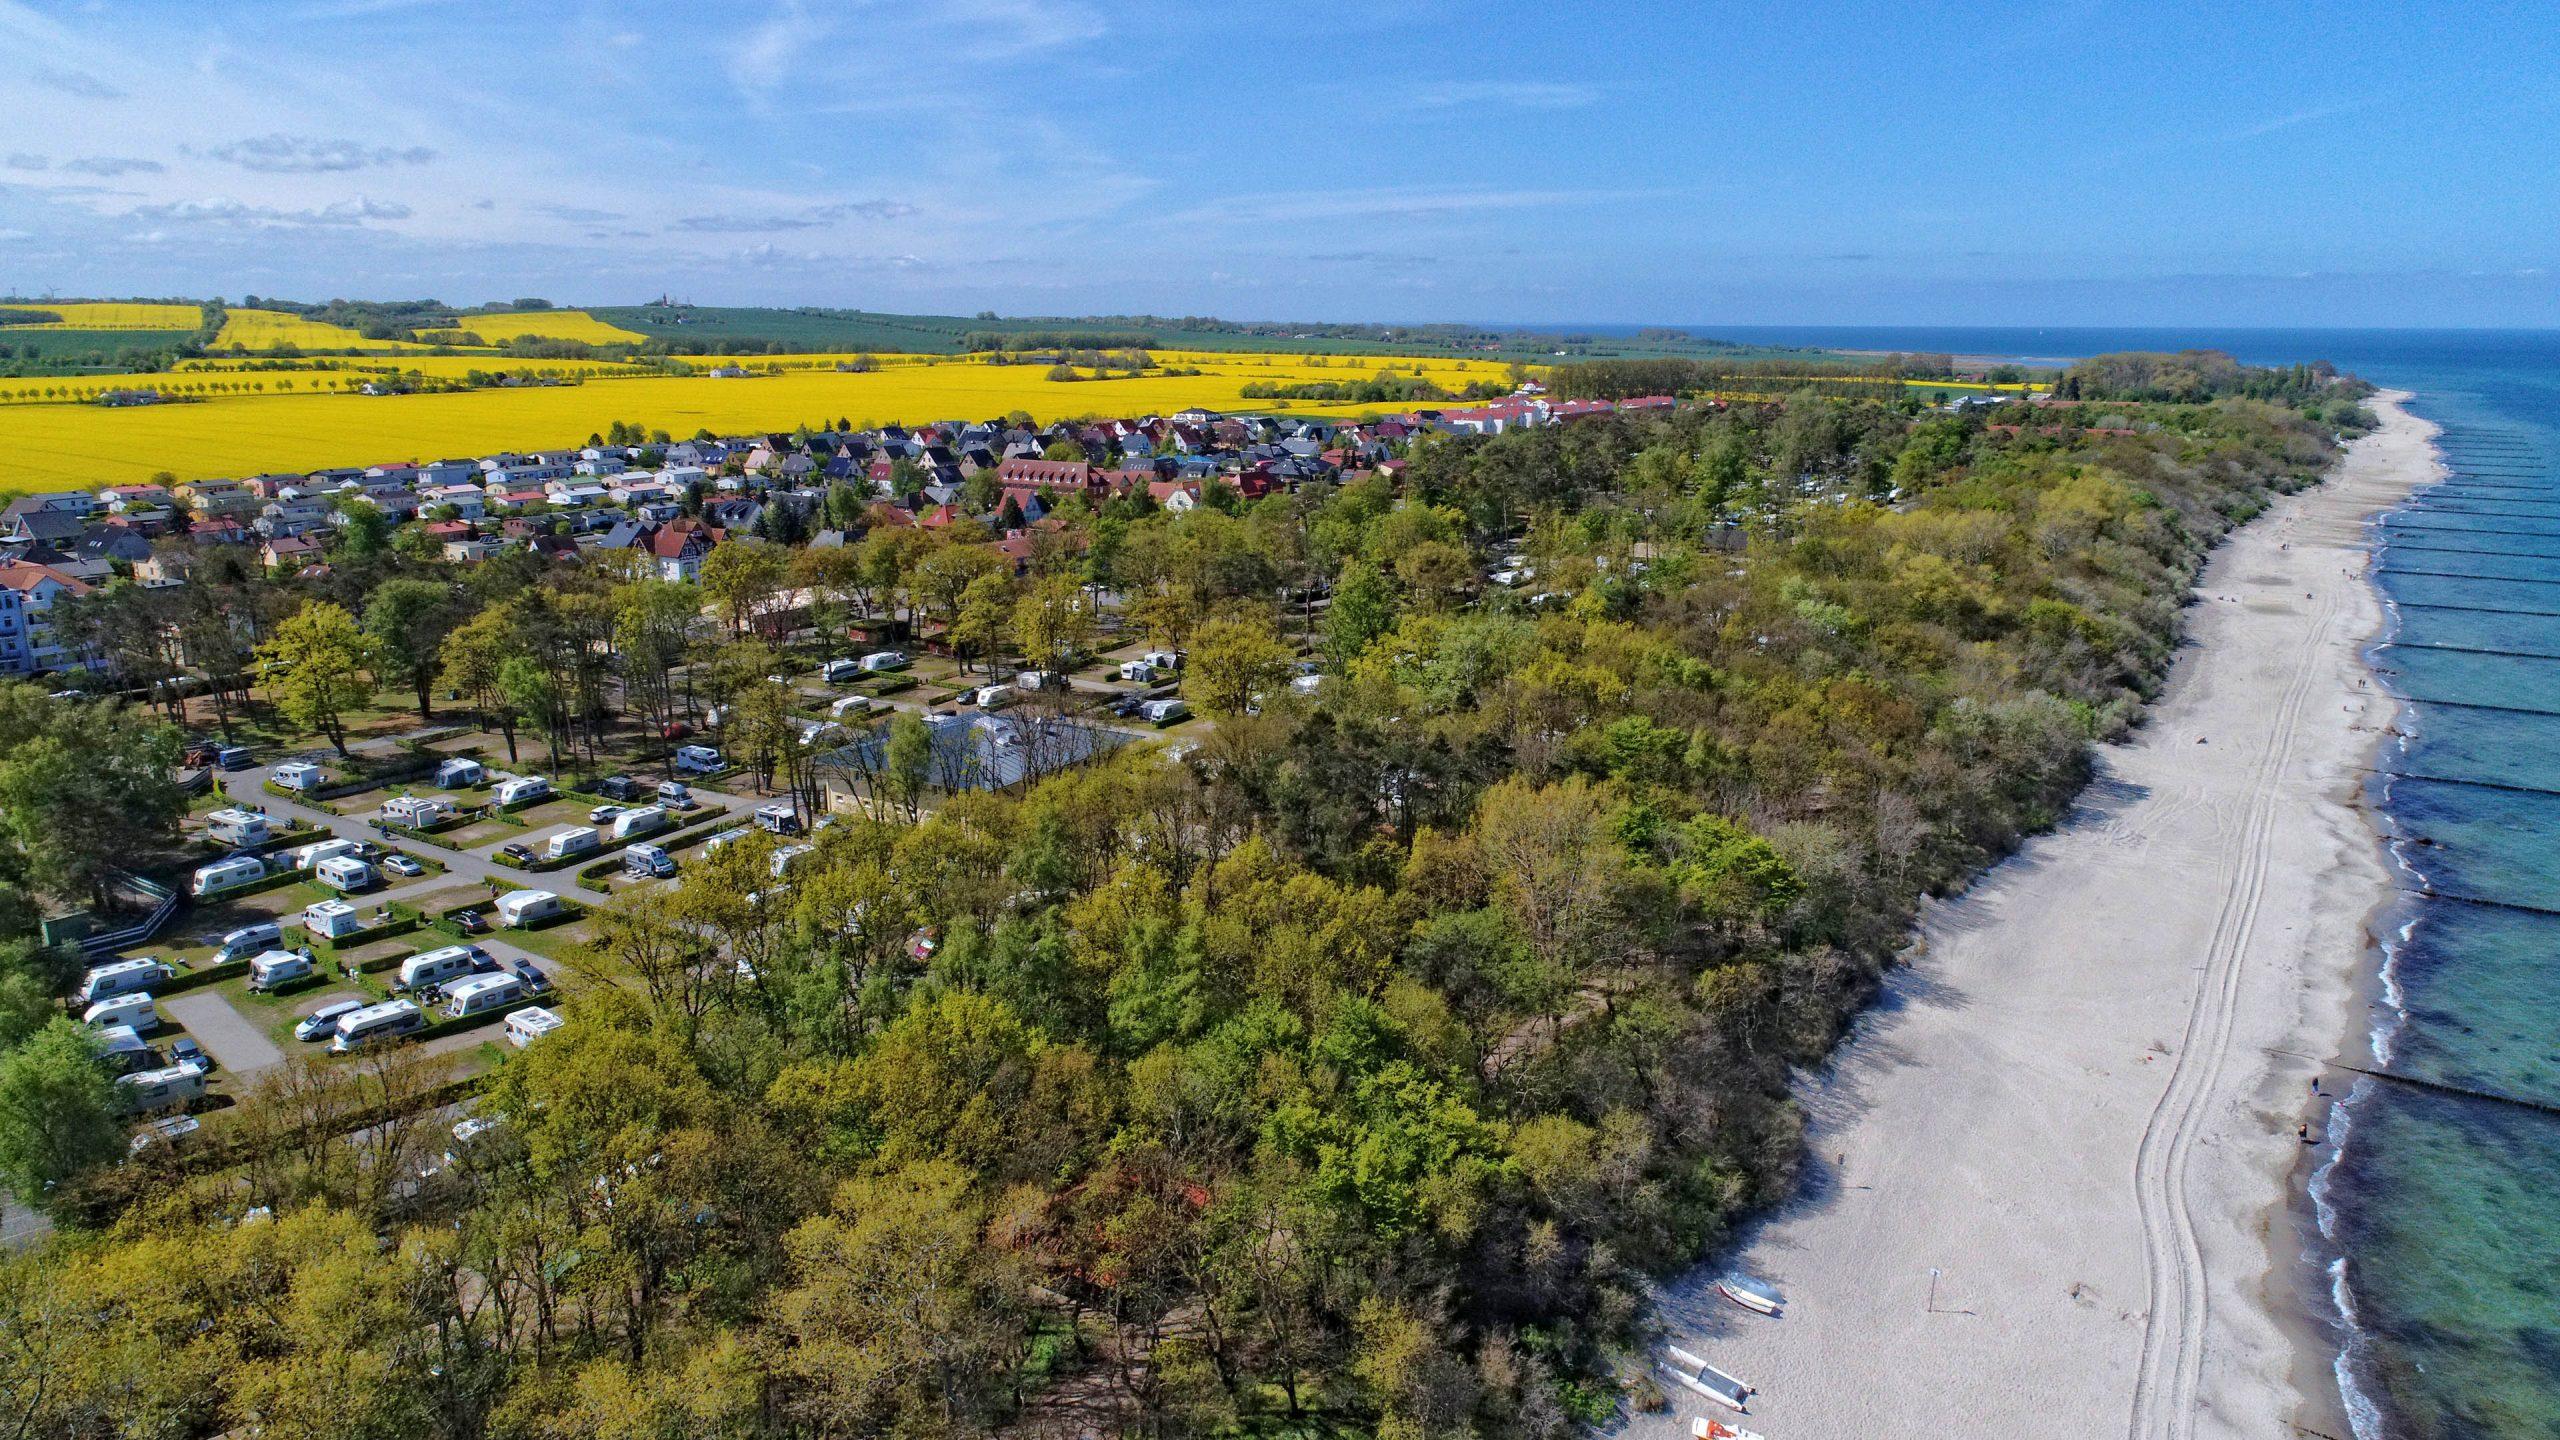 camping.info Award 2021: Der Campingpark Kühlungsborn aus Mecklenburg-Vorpommern wurde zum beliebtesten Campingplatz Europas gewählt.